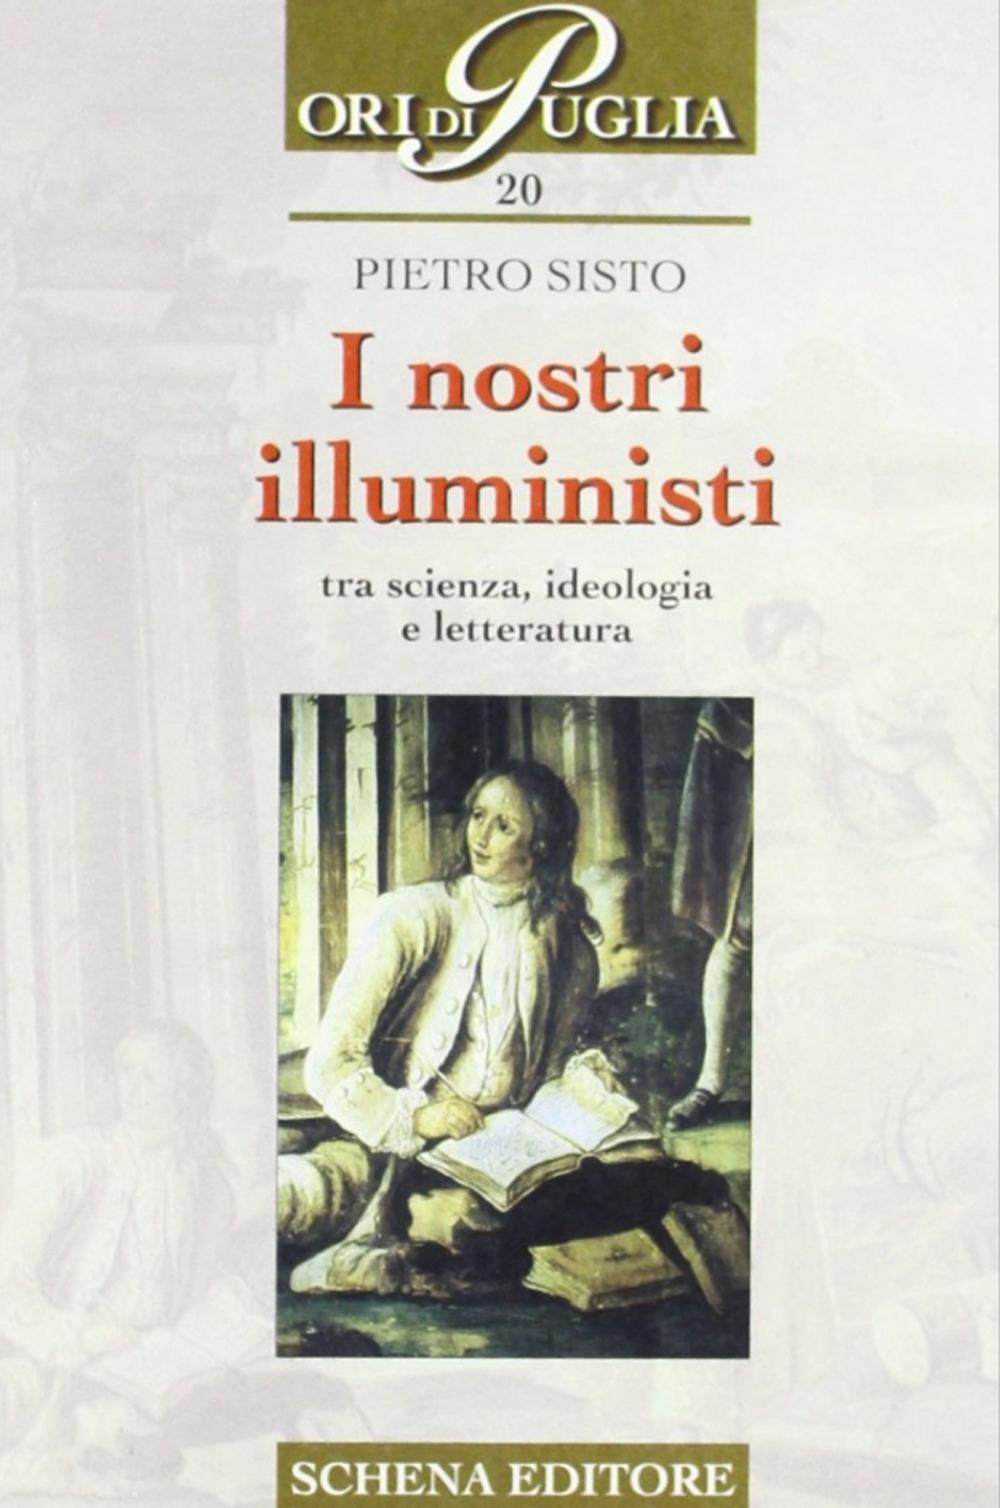 I nostri illuministi. Tra scienza, ideologia e letteratura